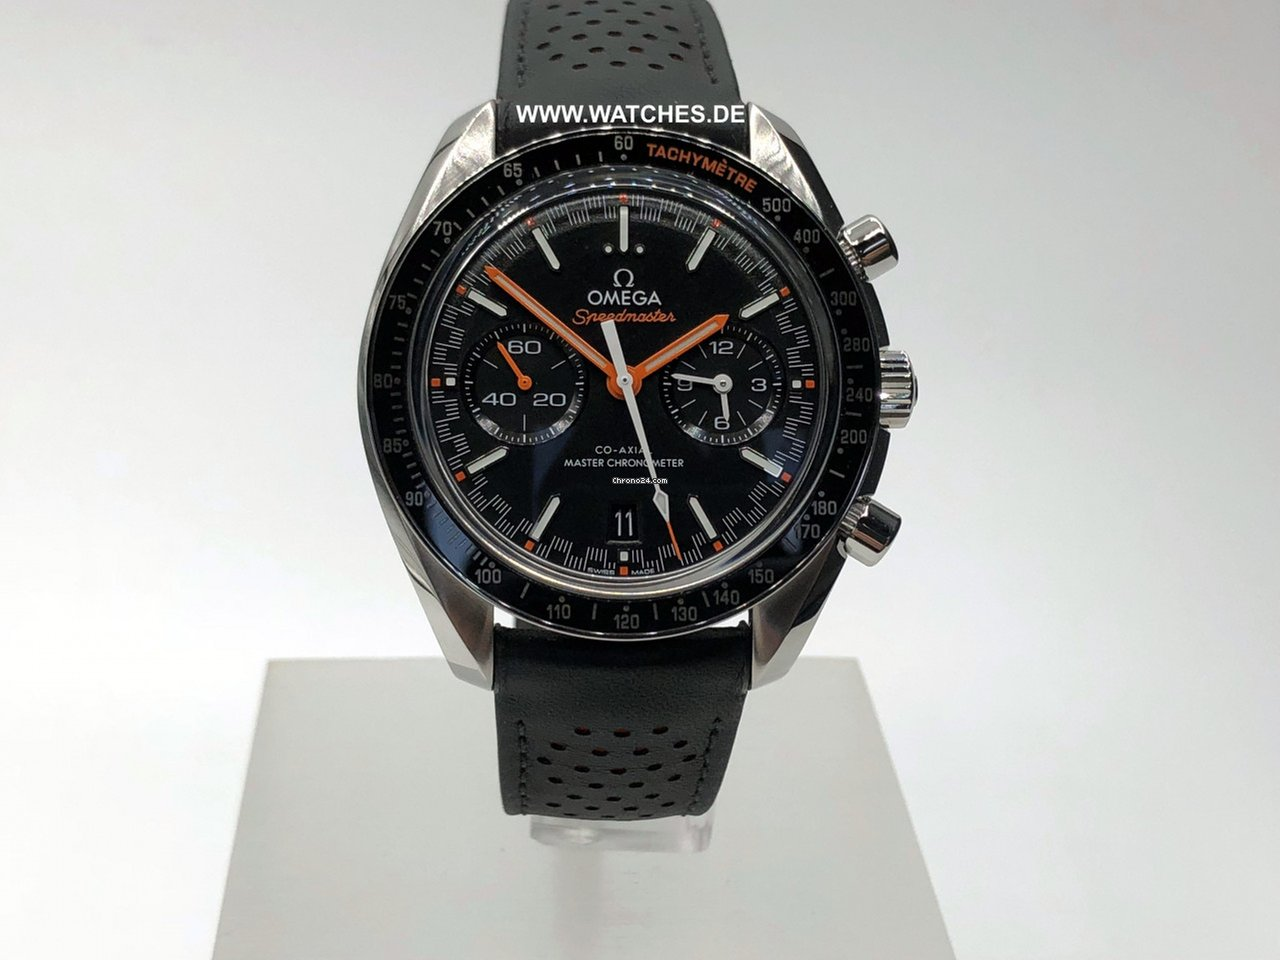 b79cc806572 Omega Speedmaster - Todos os preços de relógios Omega Speedmaster na  Chrono24